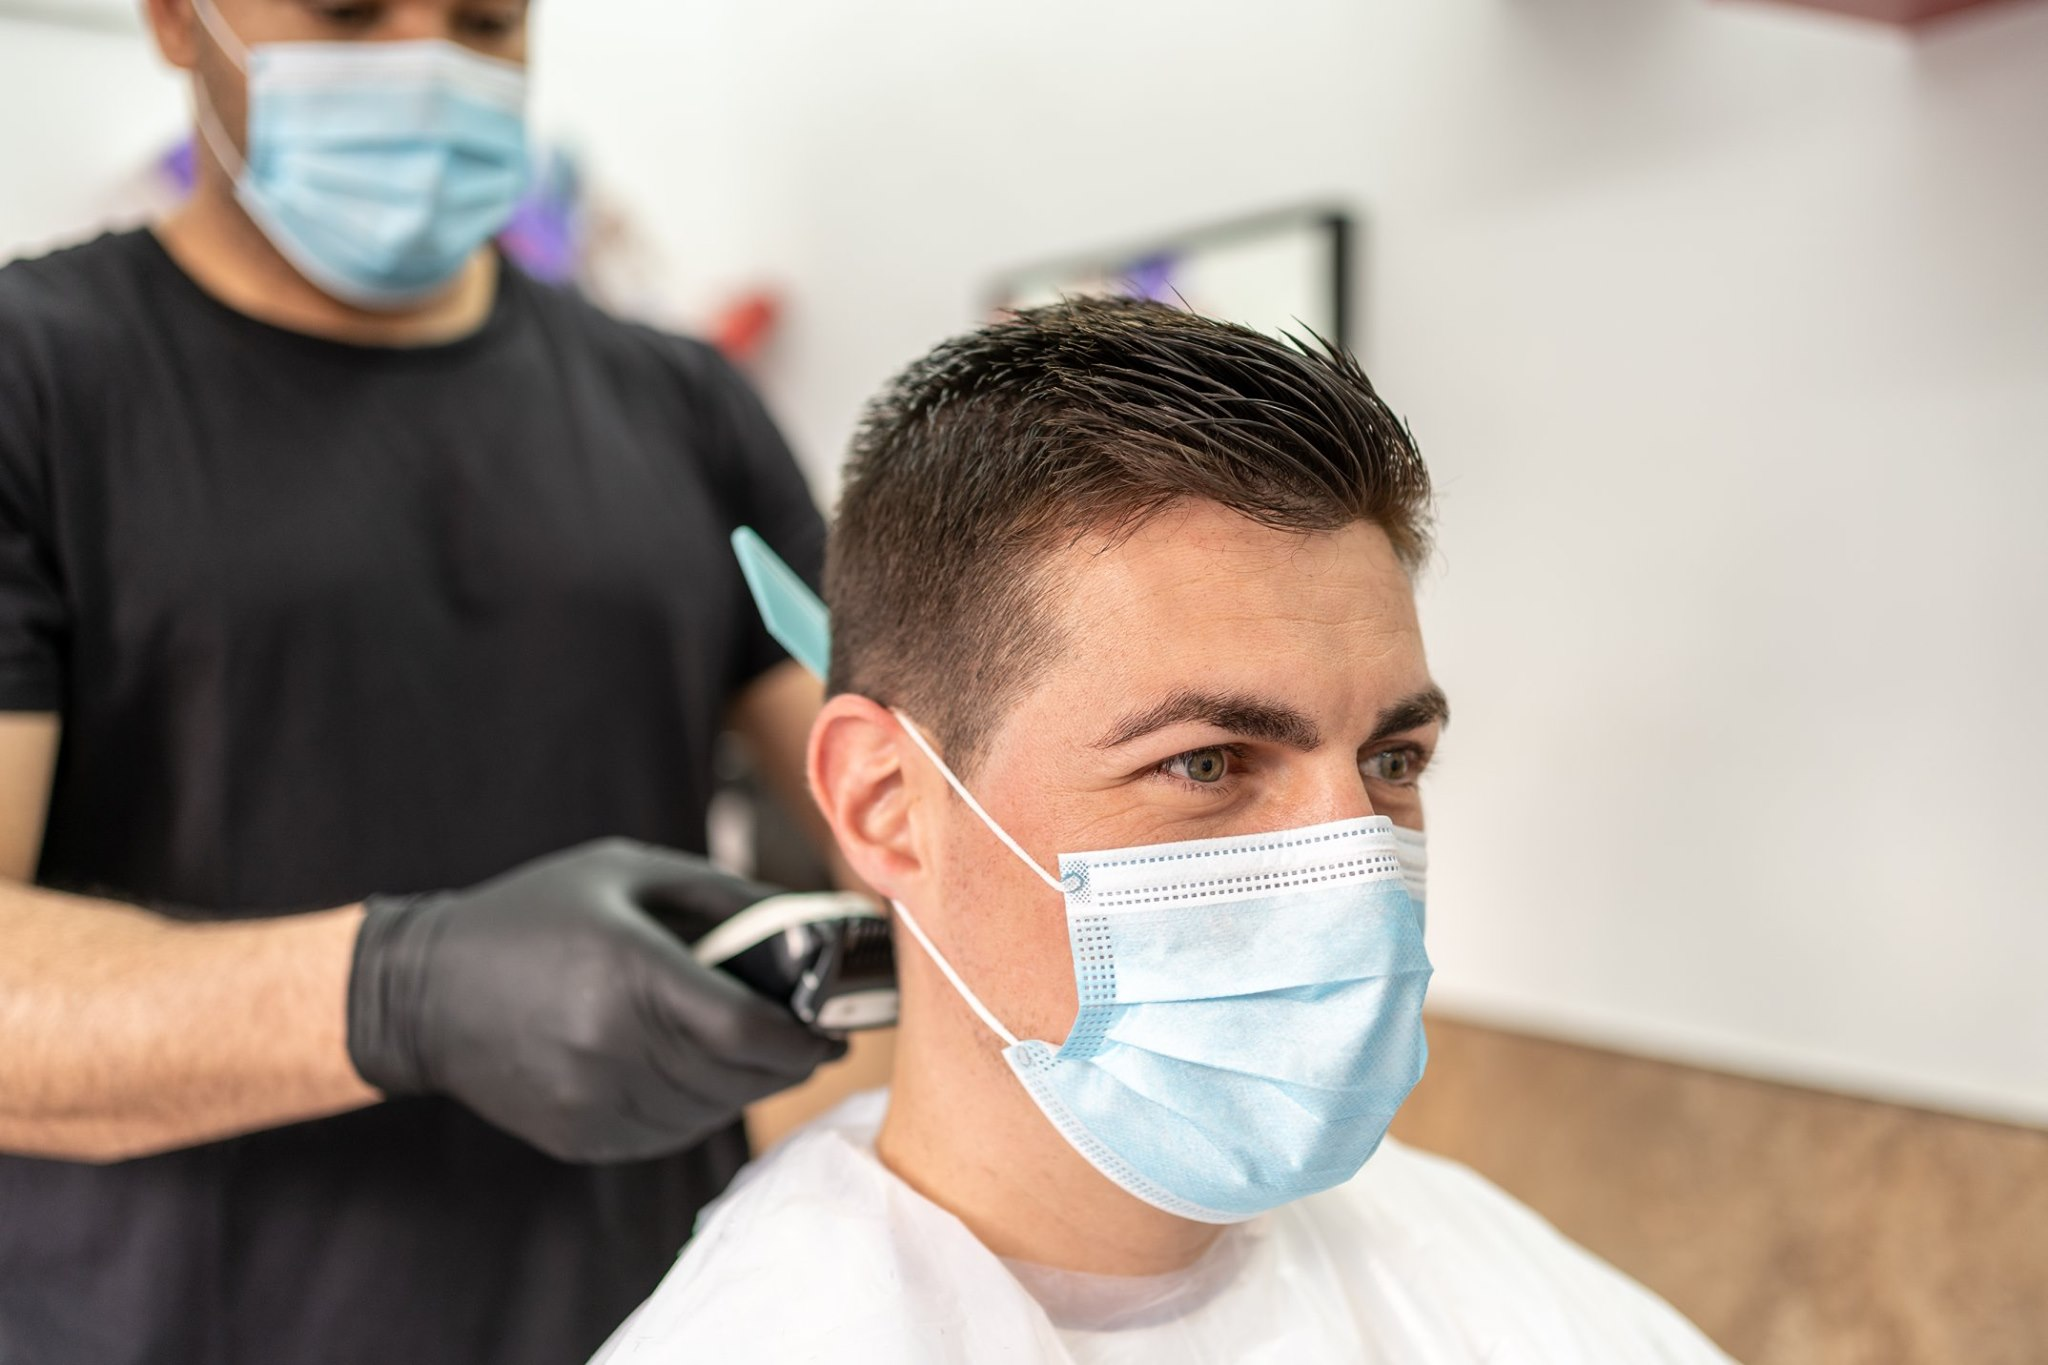 (P) Cum setează valul pandemic noi repere de calitate în domeniul beauty?